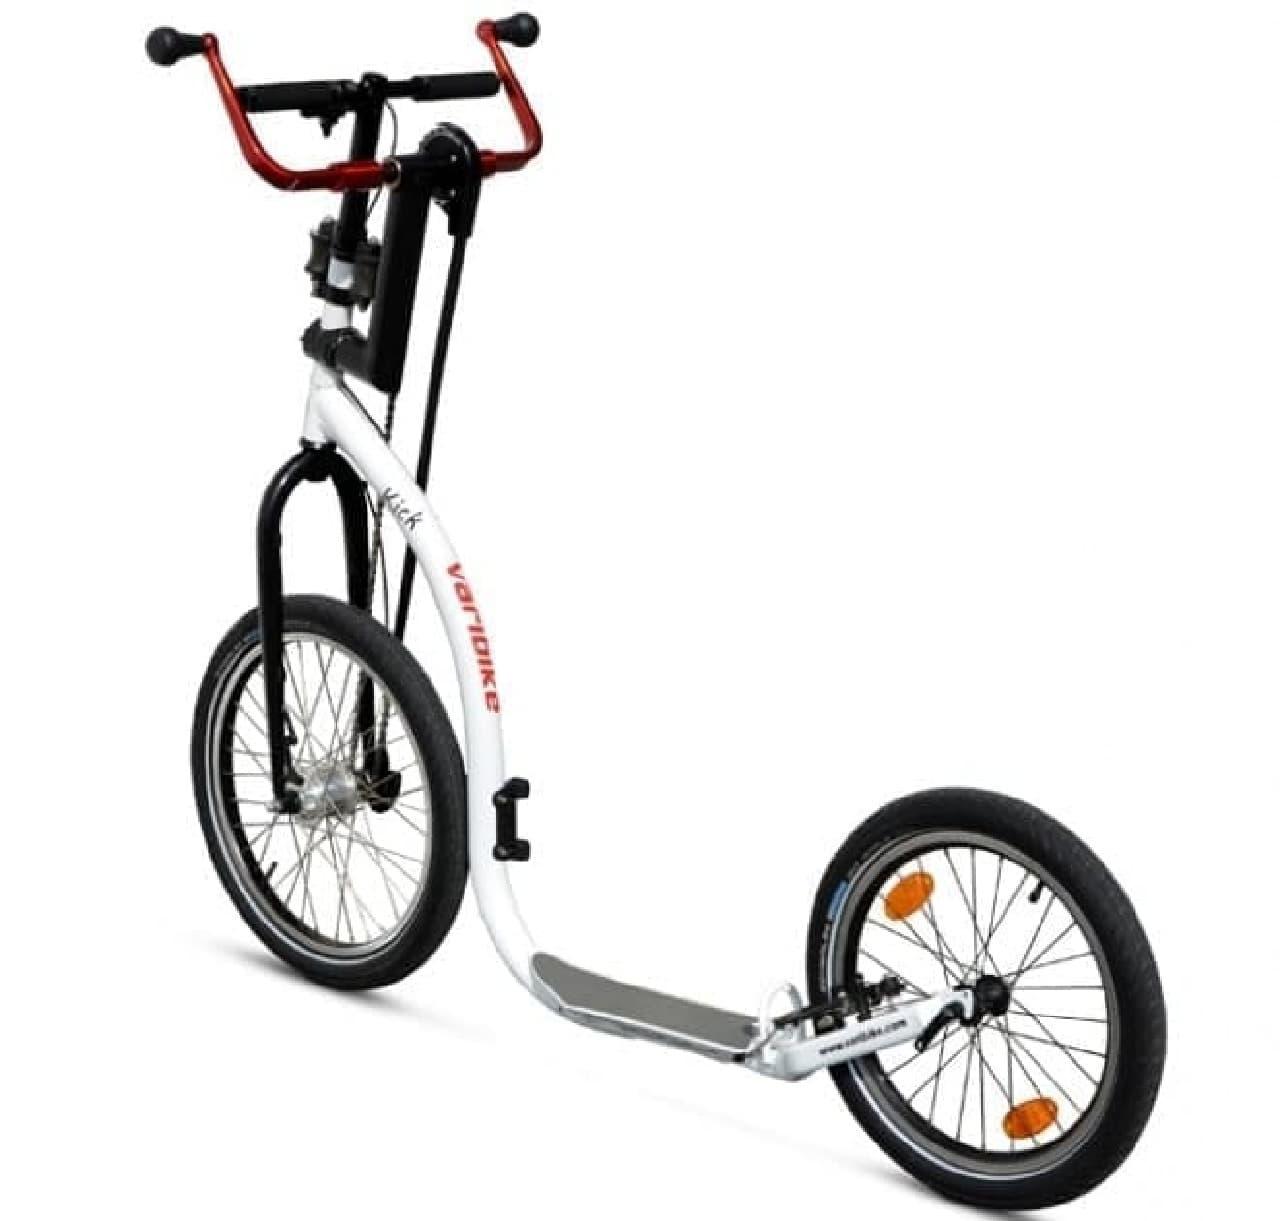 上半身の強化ができる自転車「Kick-Varibike」  足漕ぎペダルの無い潔さが素敵だ